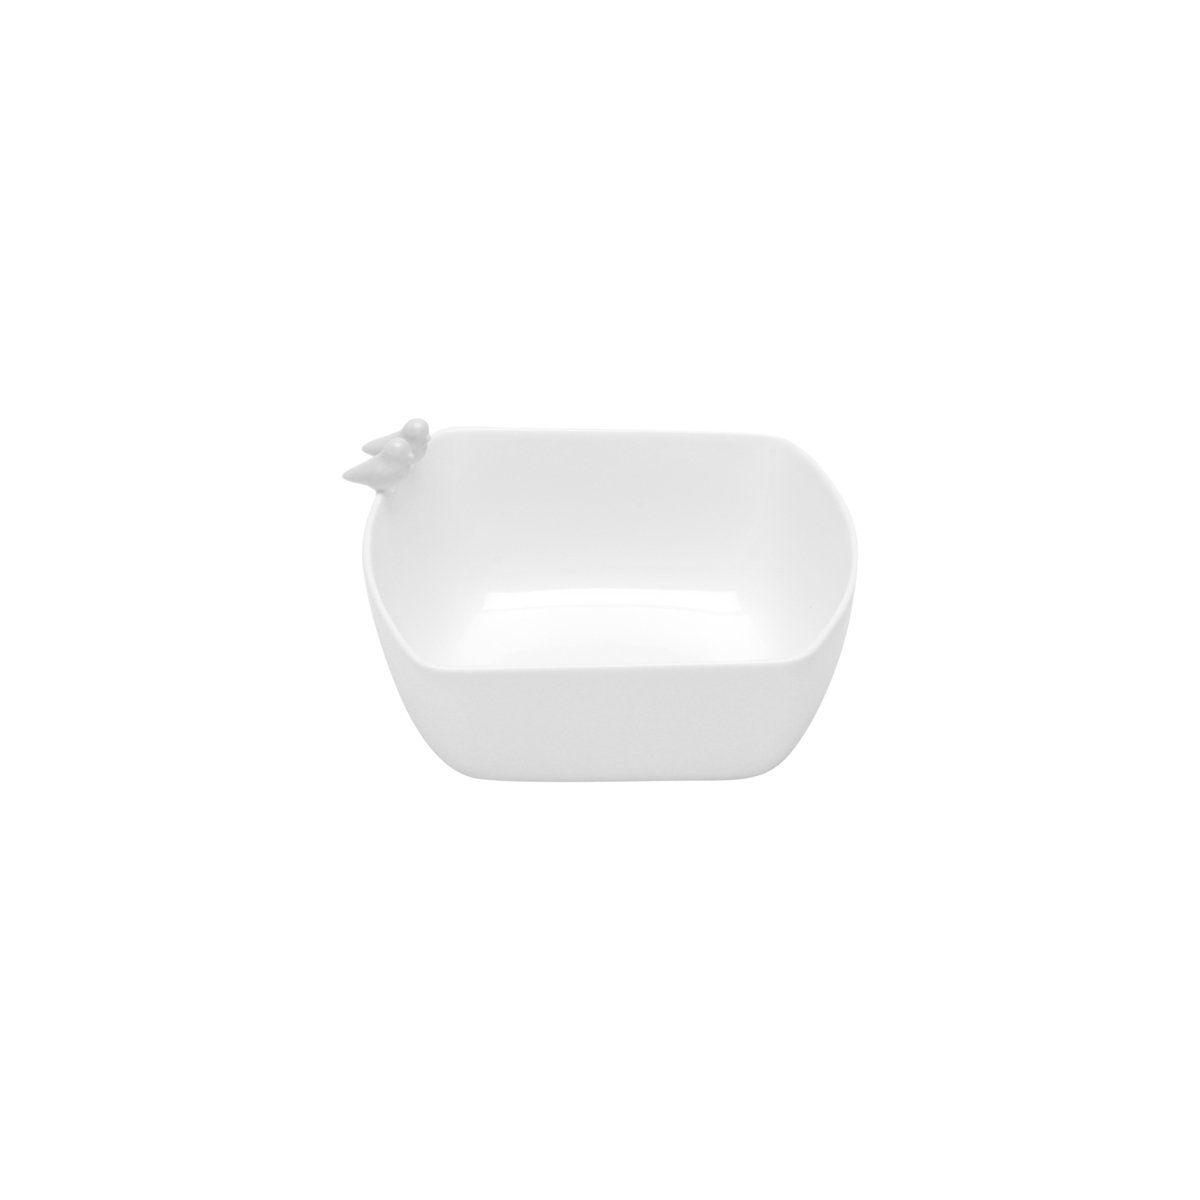 Bowl 16 x 15 cm de porcelana branca Birds Wolff - 17303